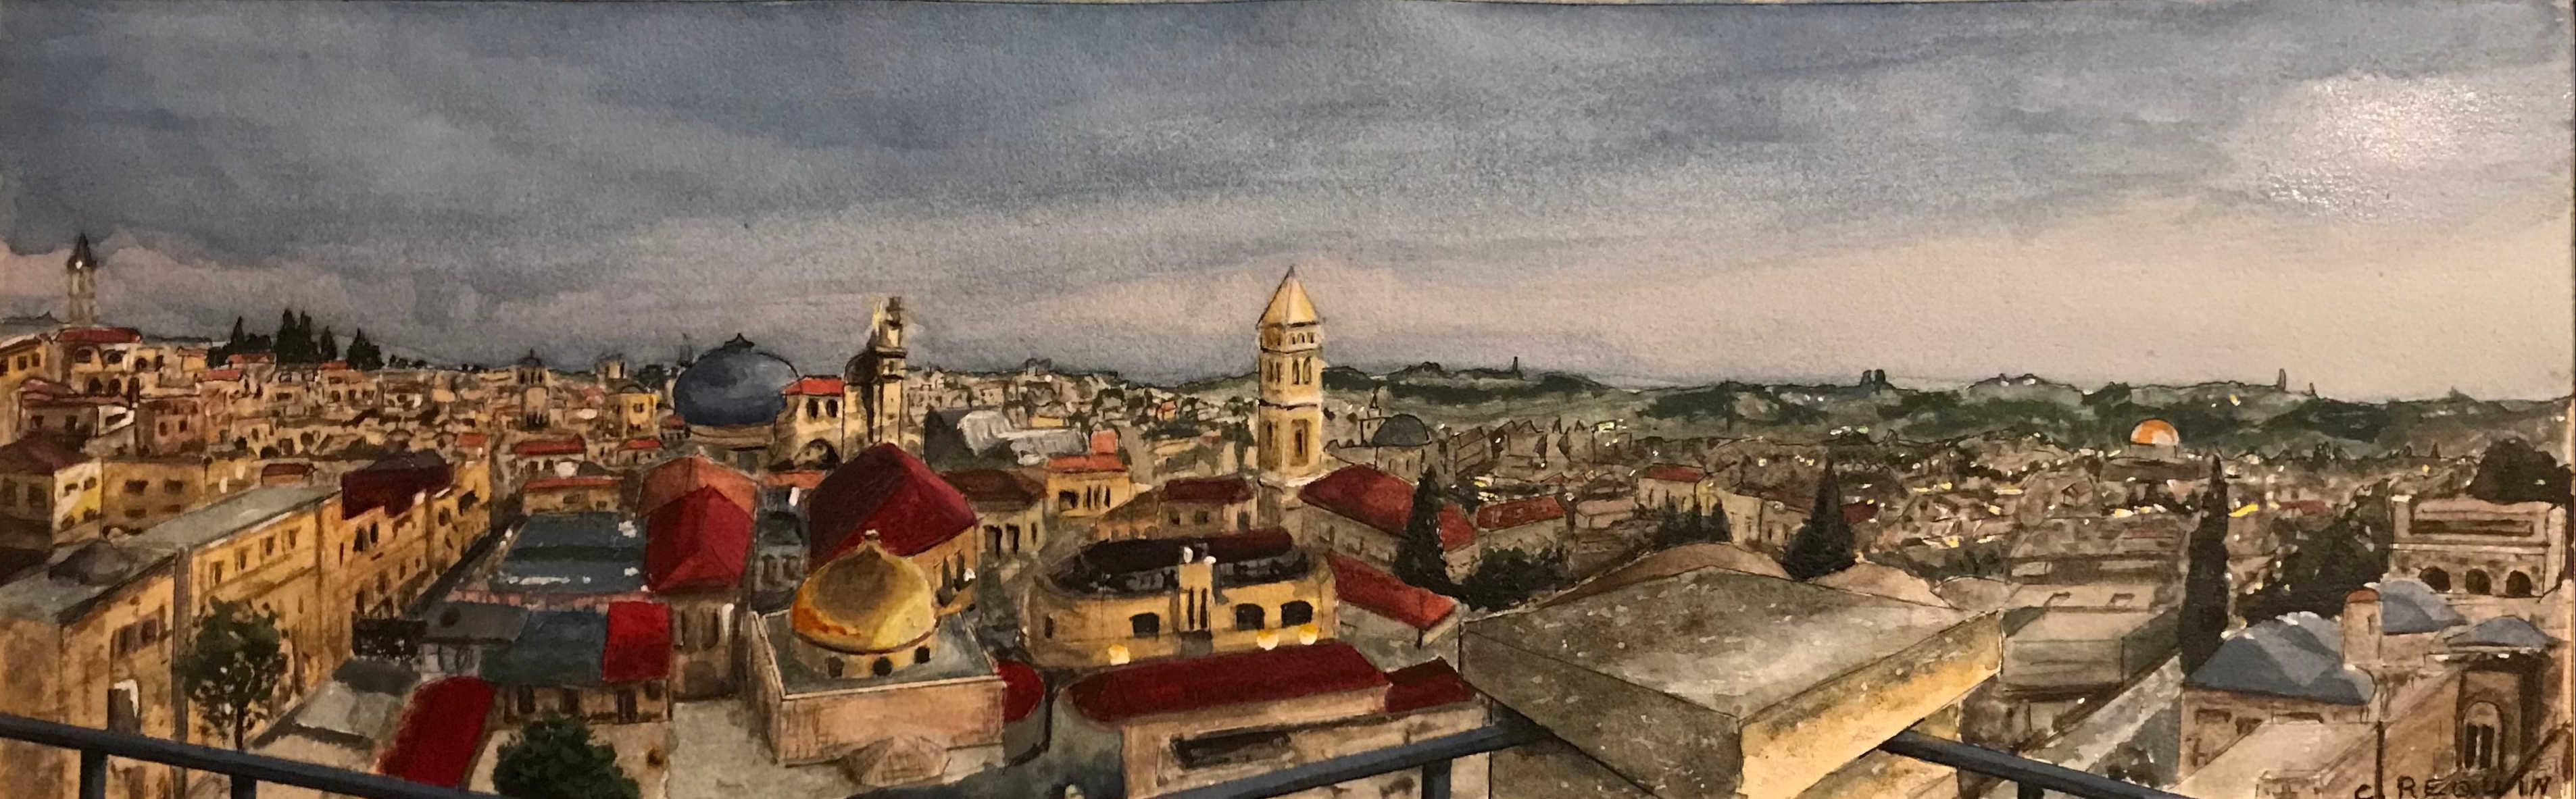 Panoramique - Jérusalem vieille ville